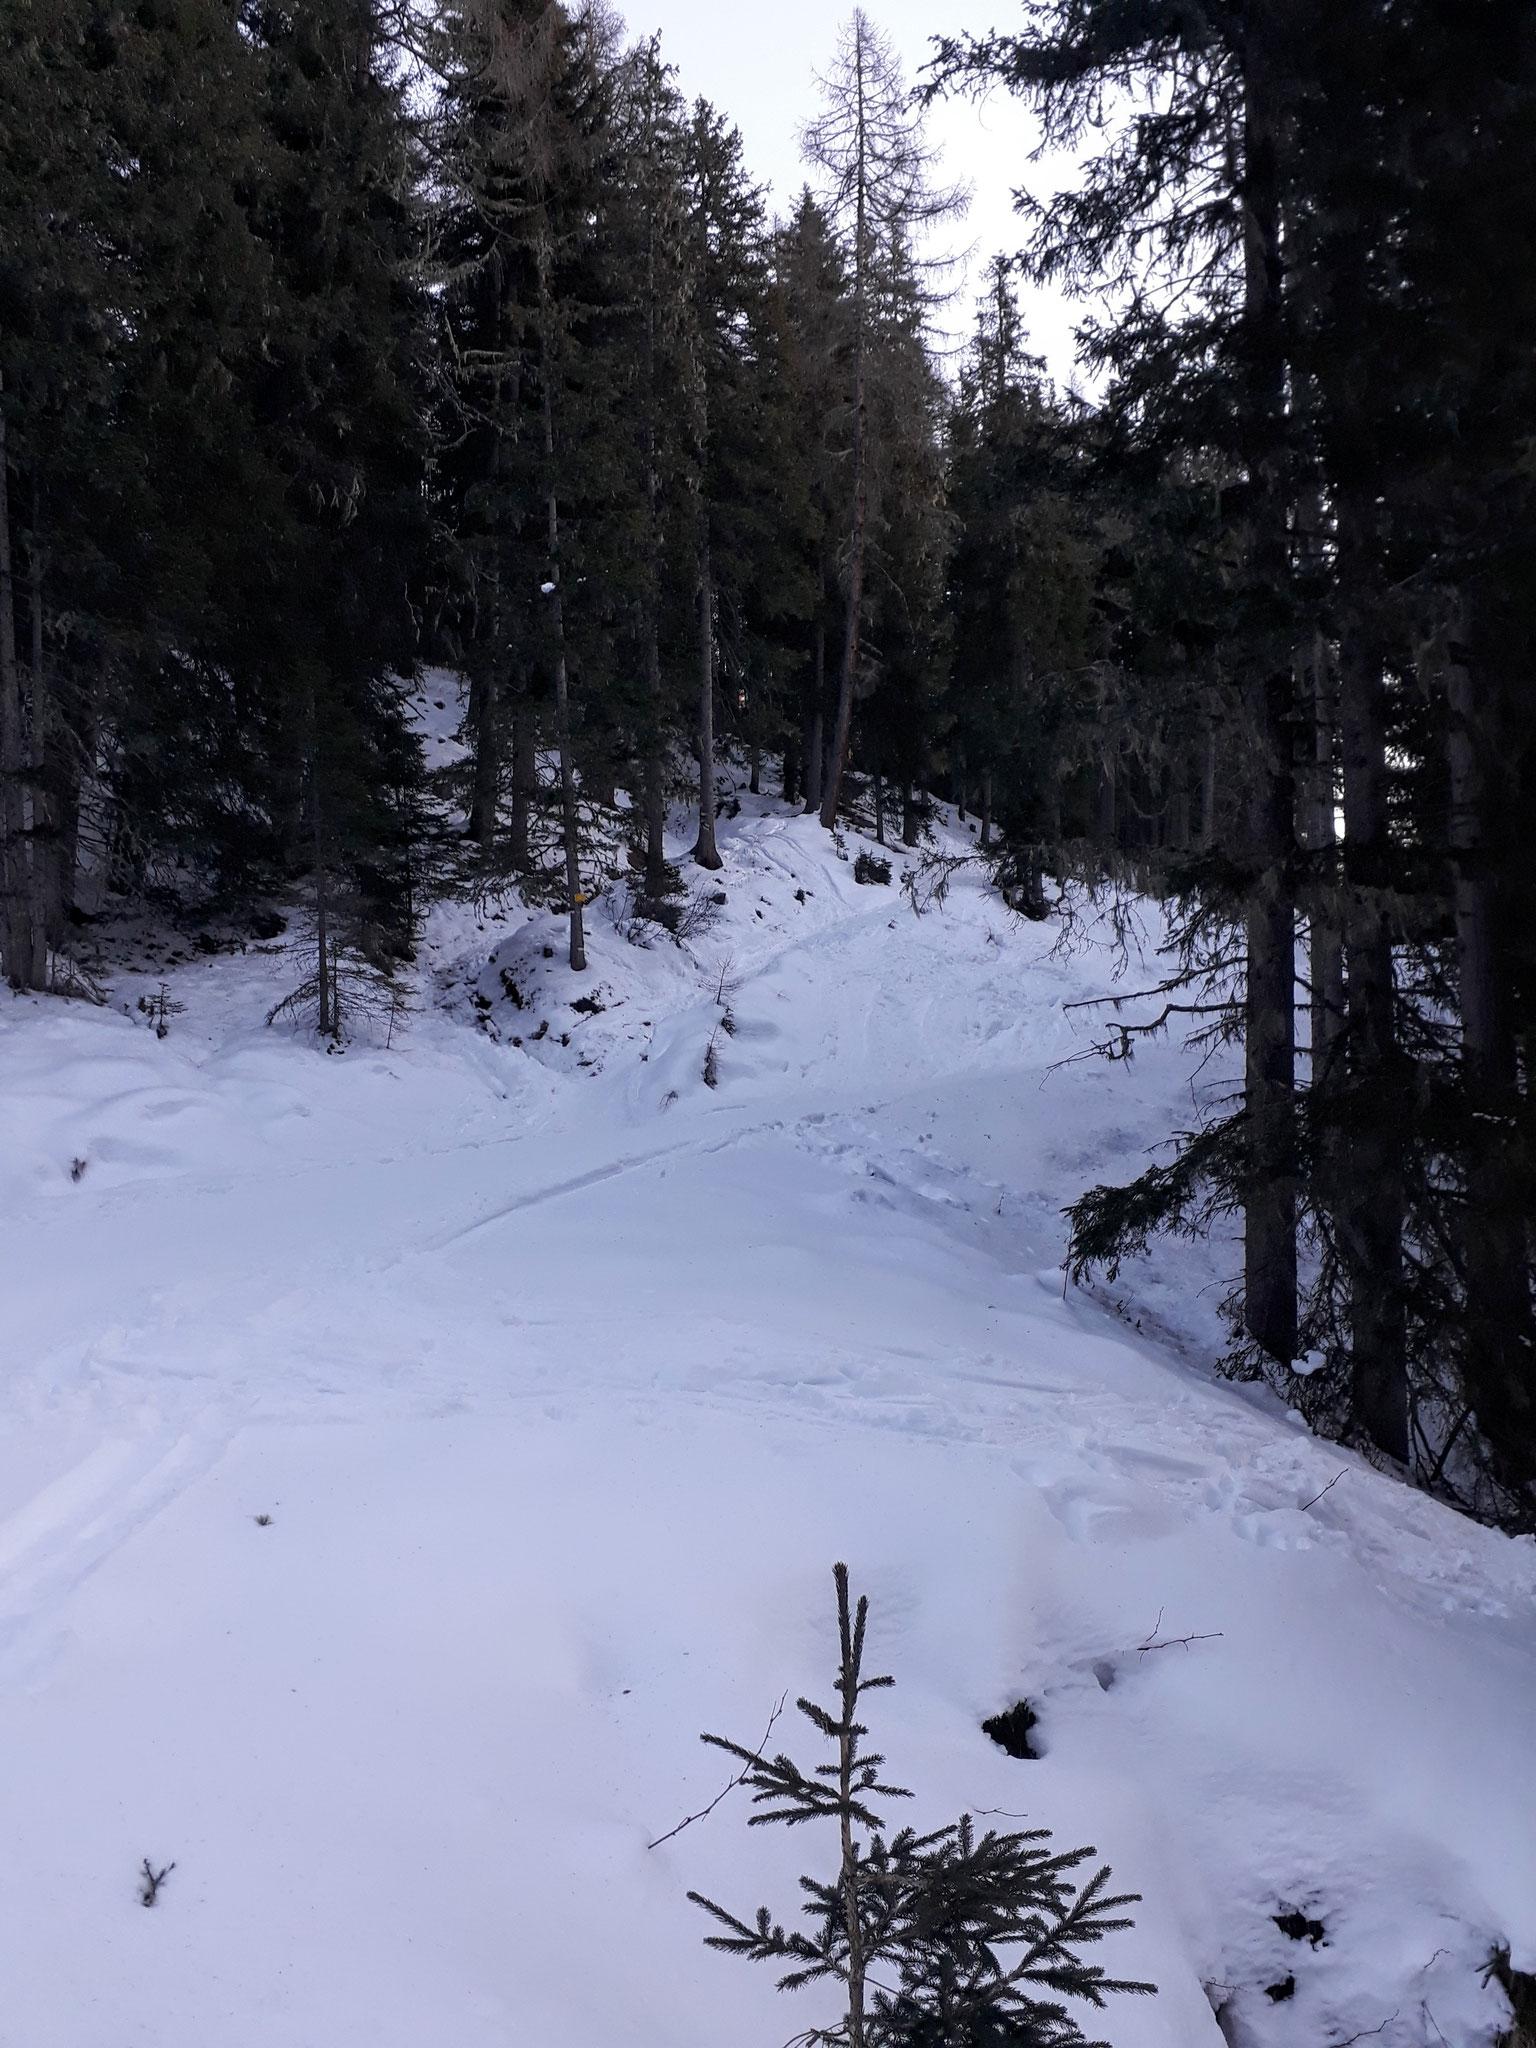 Nach den ersten Metern am Forstweg, wechseln wir in die direkte Aufstiegsspur im Wald.